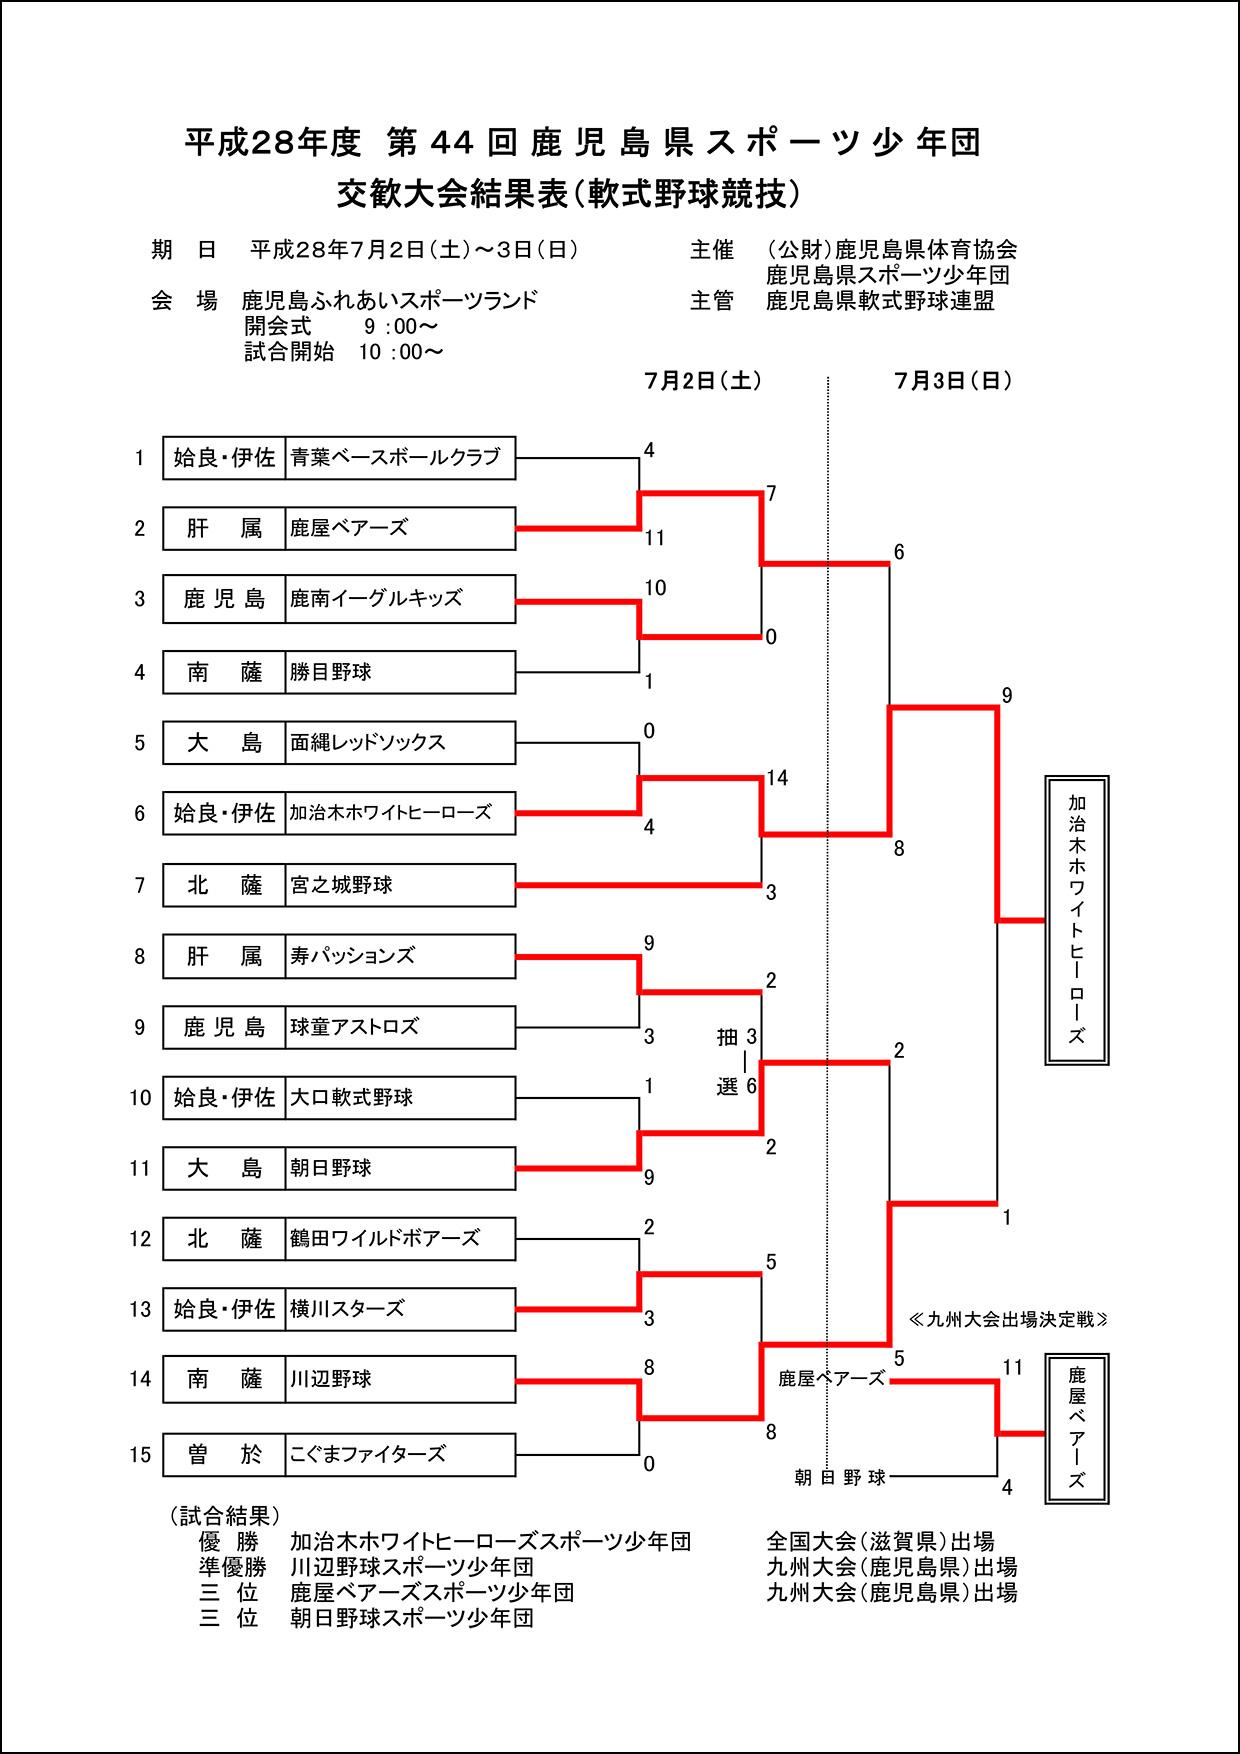 (28)県スポ少交歓大会試合結果(県体協・学童部)